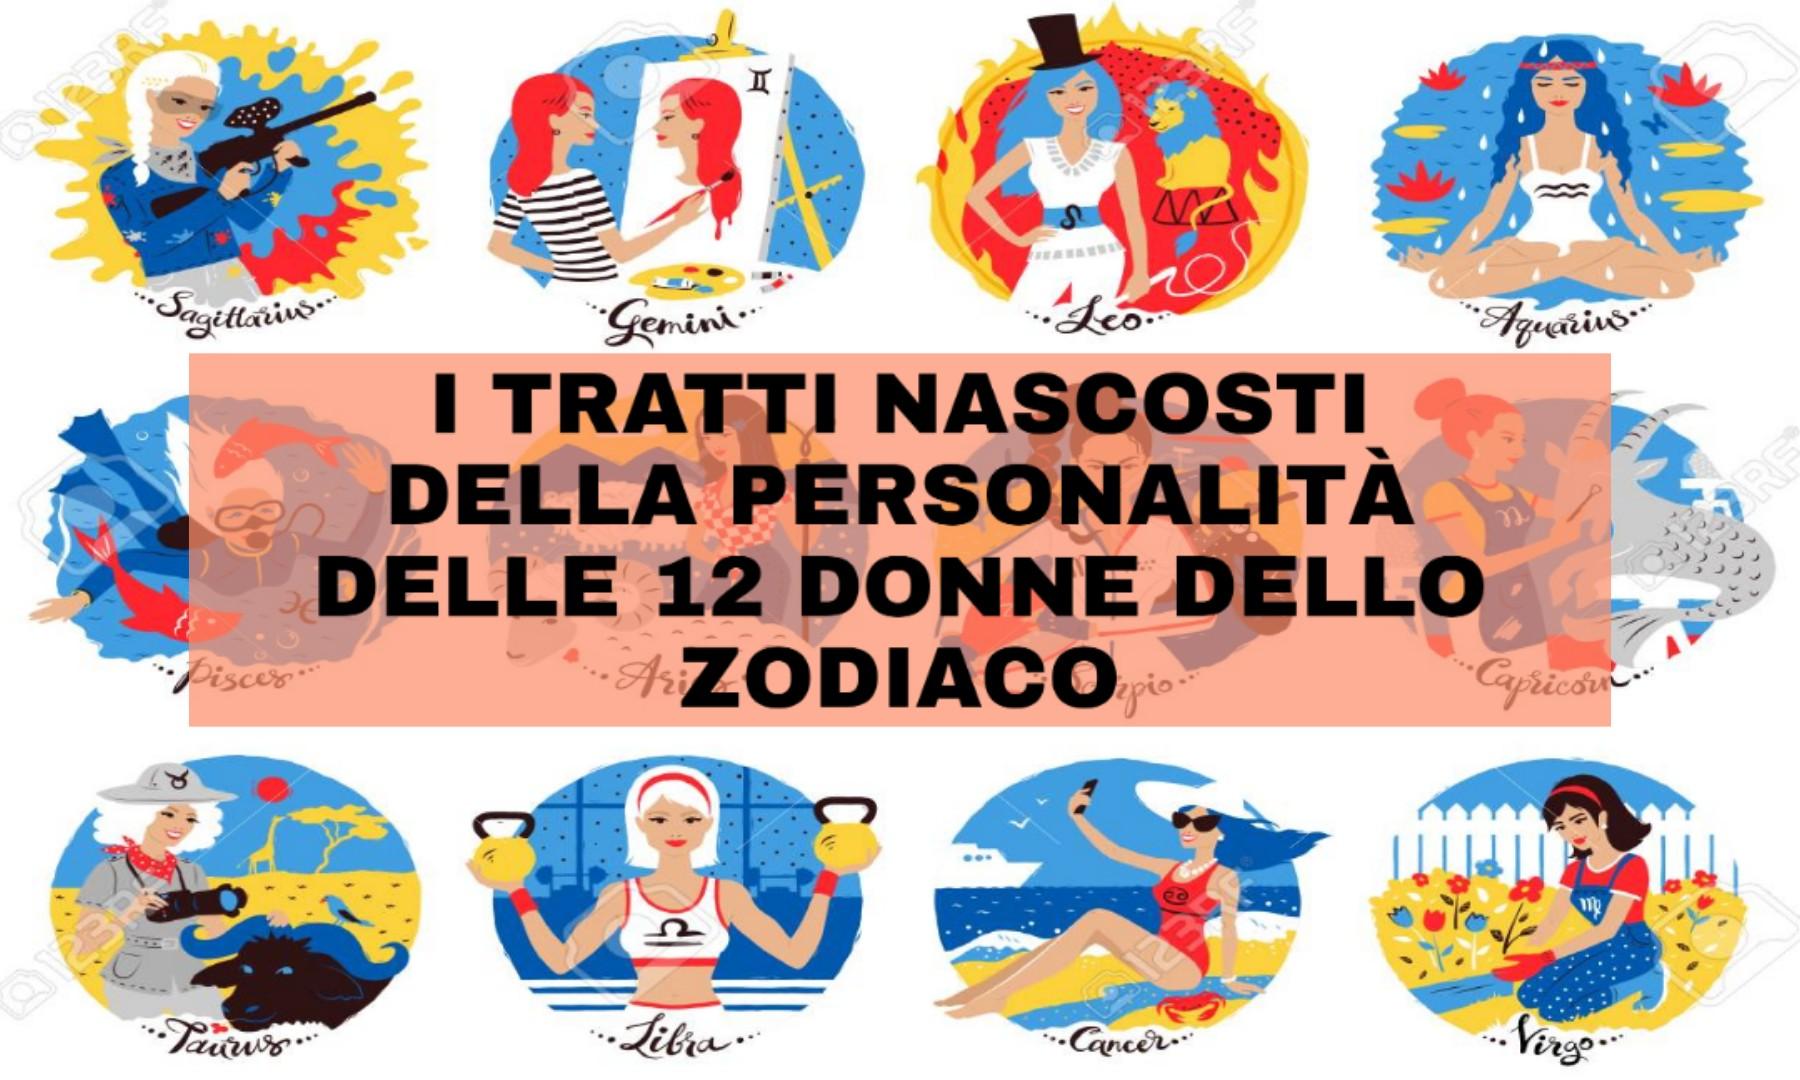 zodiaco e personalità